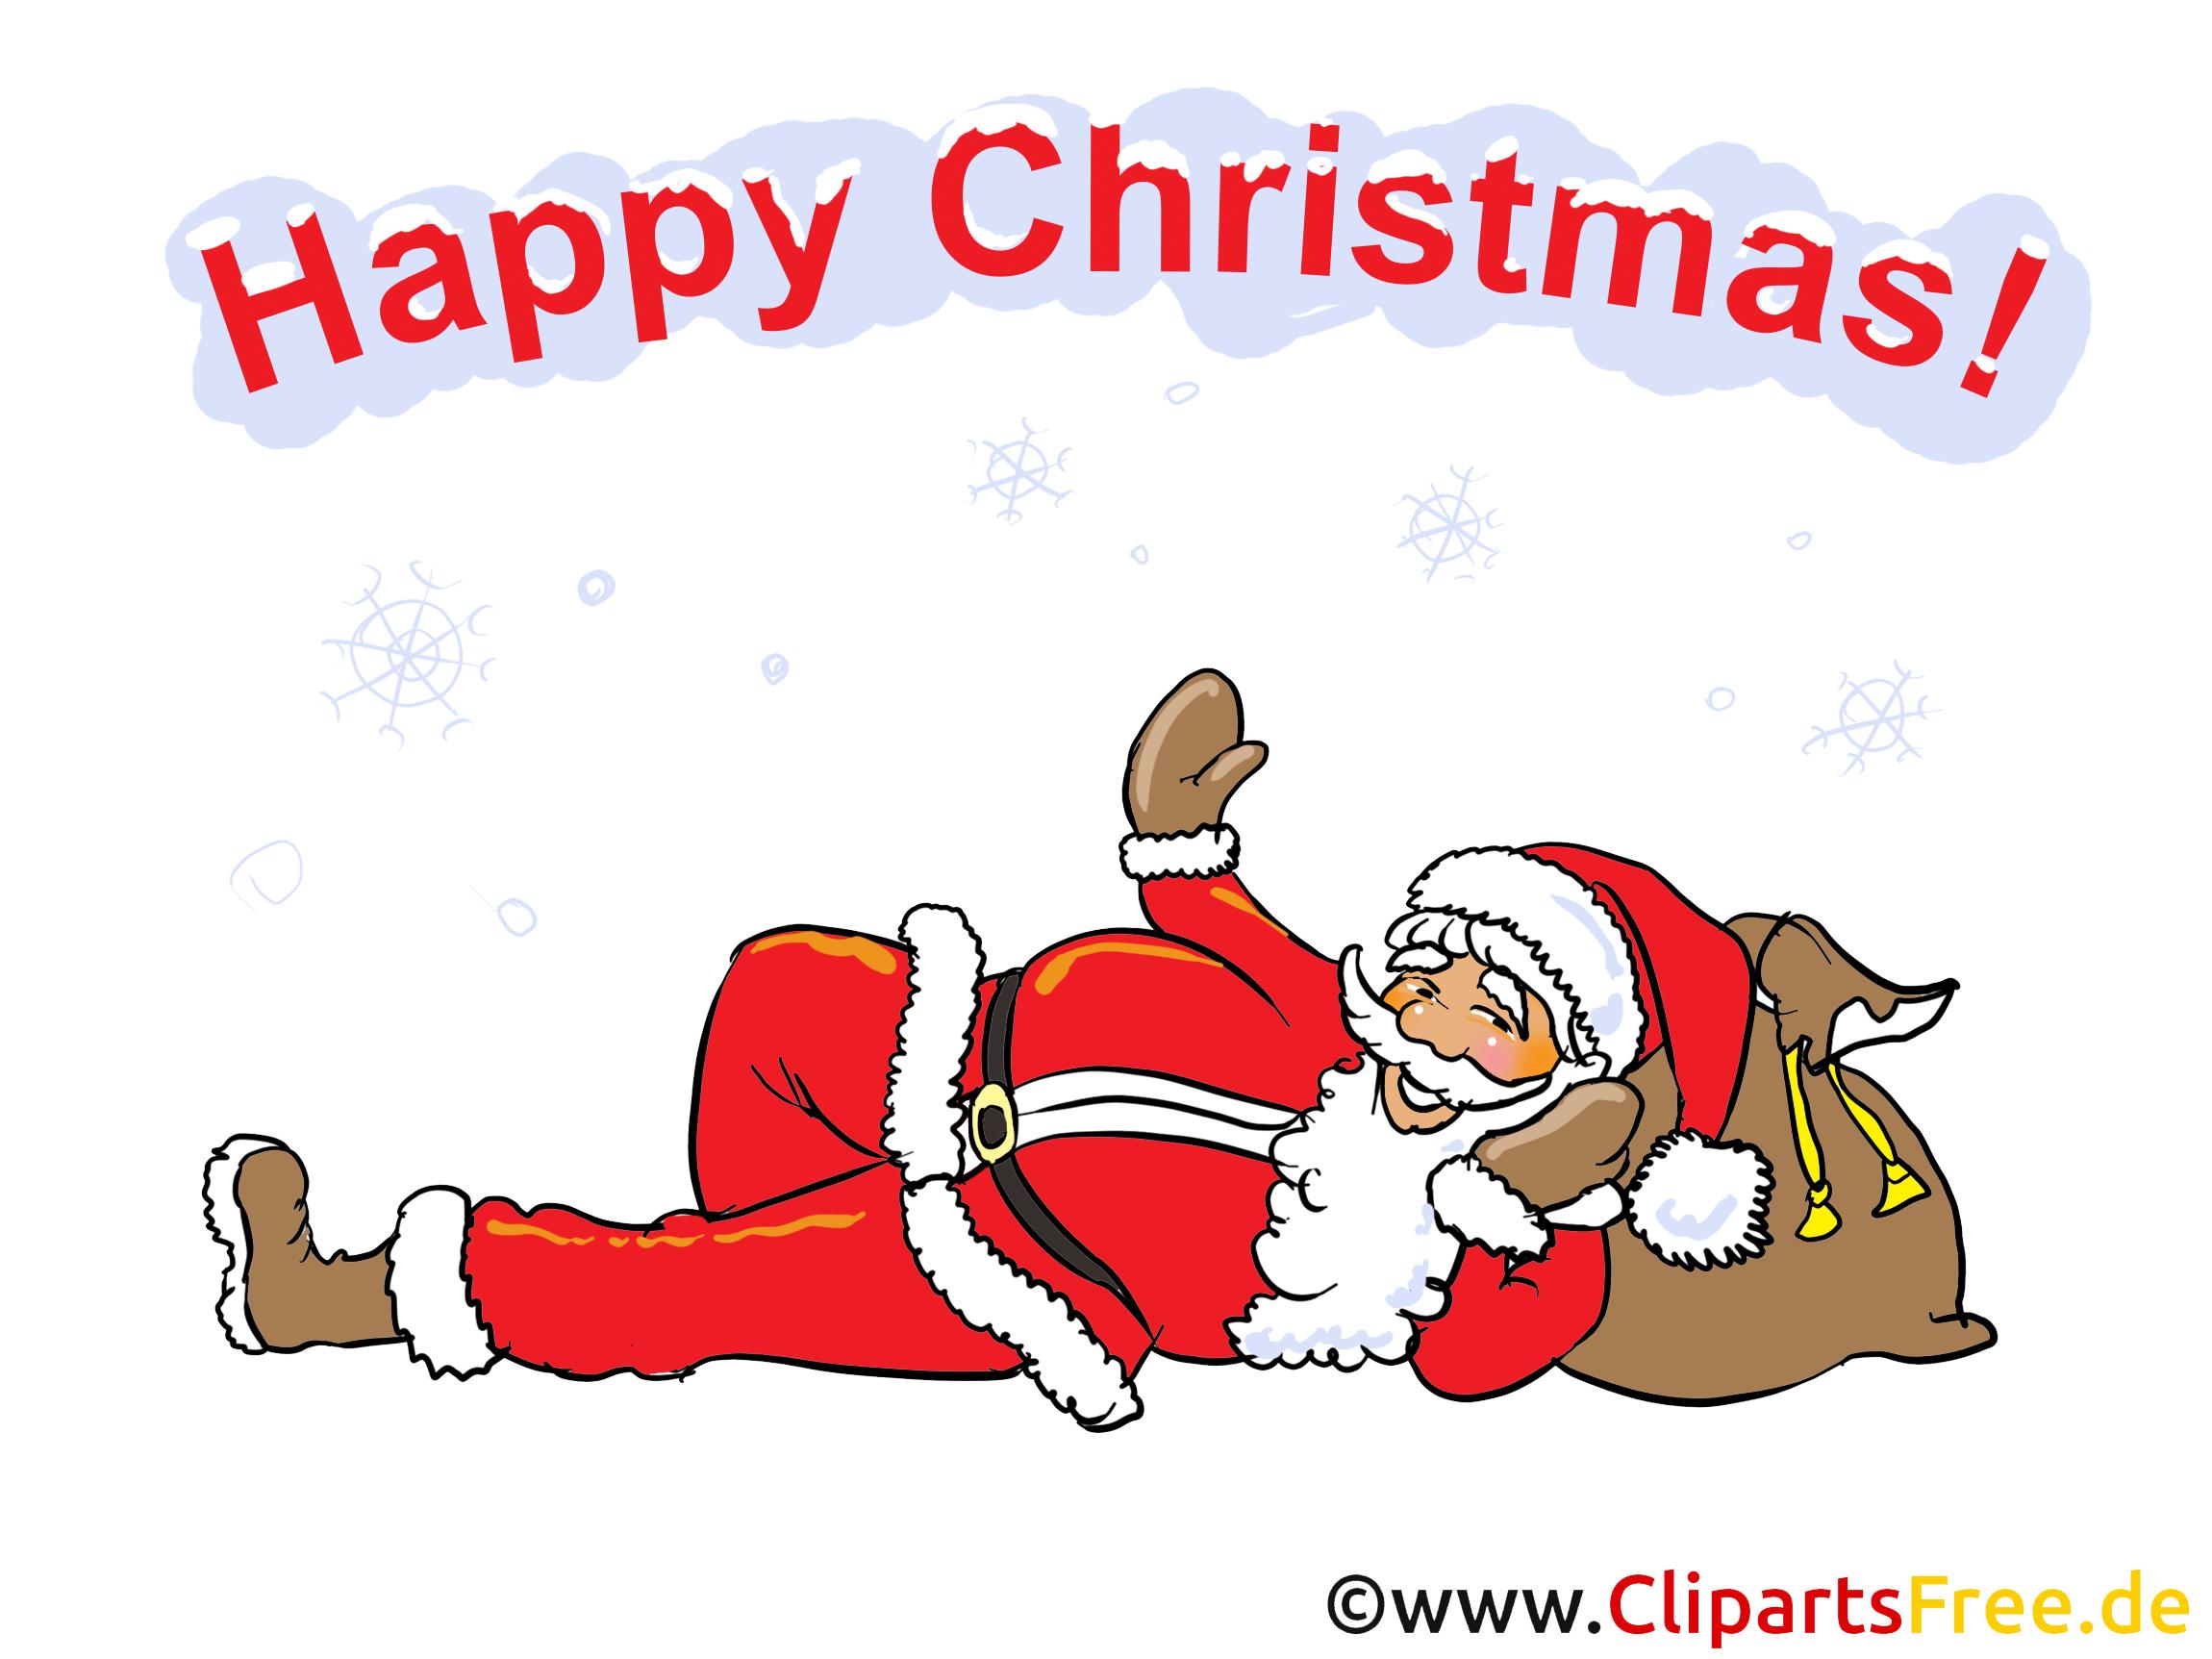 Witzige Bilder zu Weihnachten